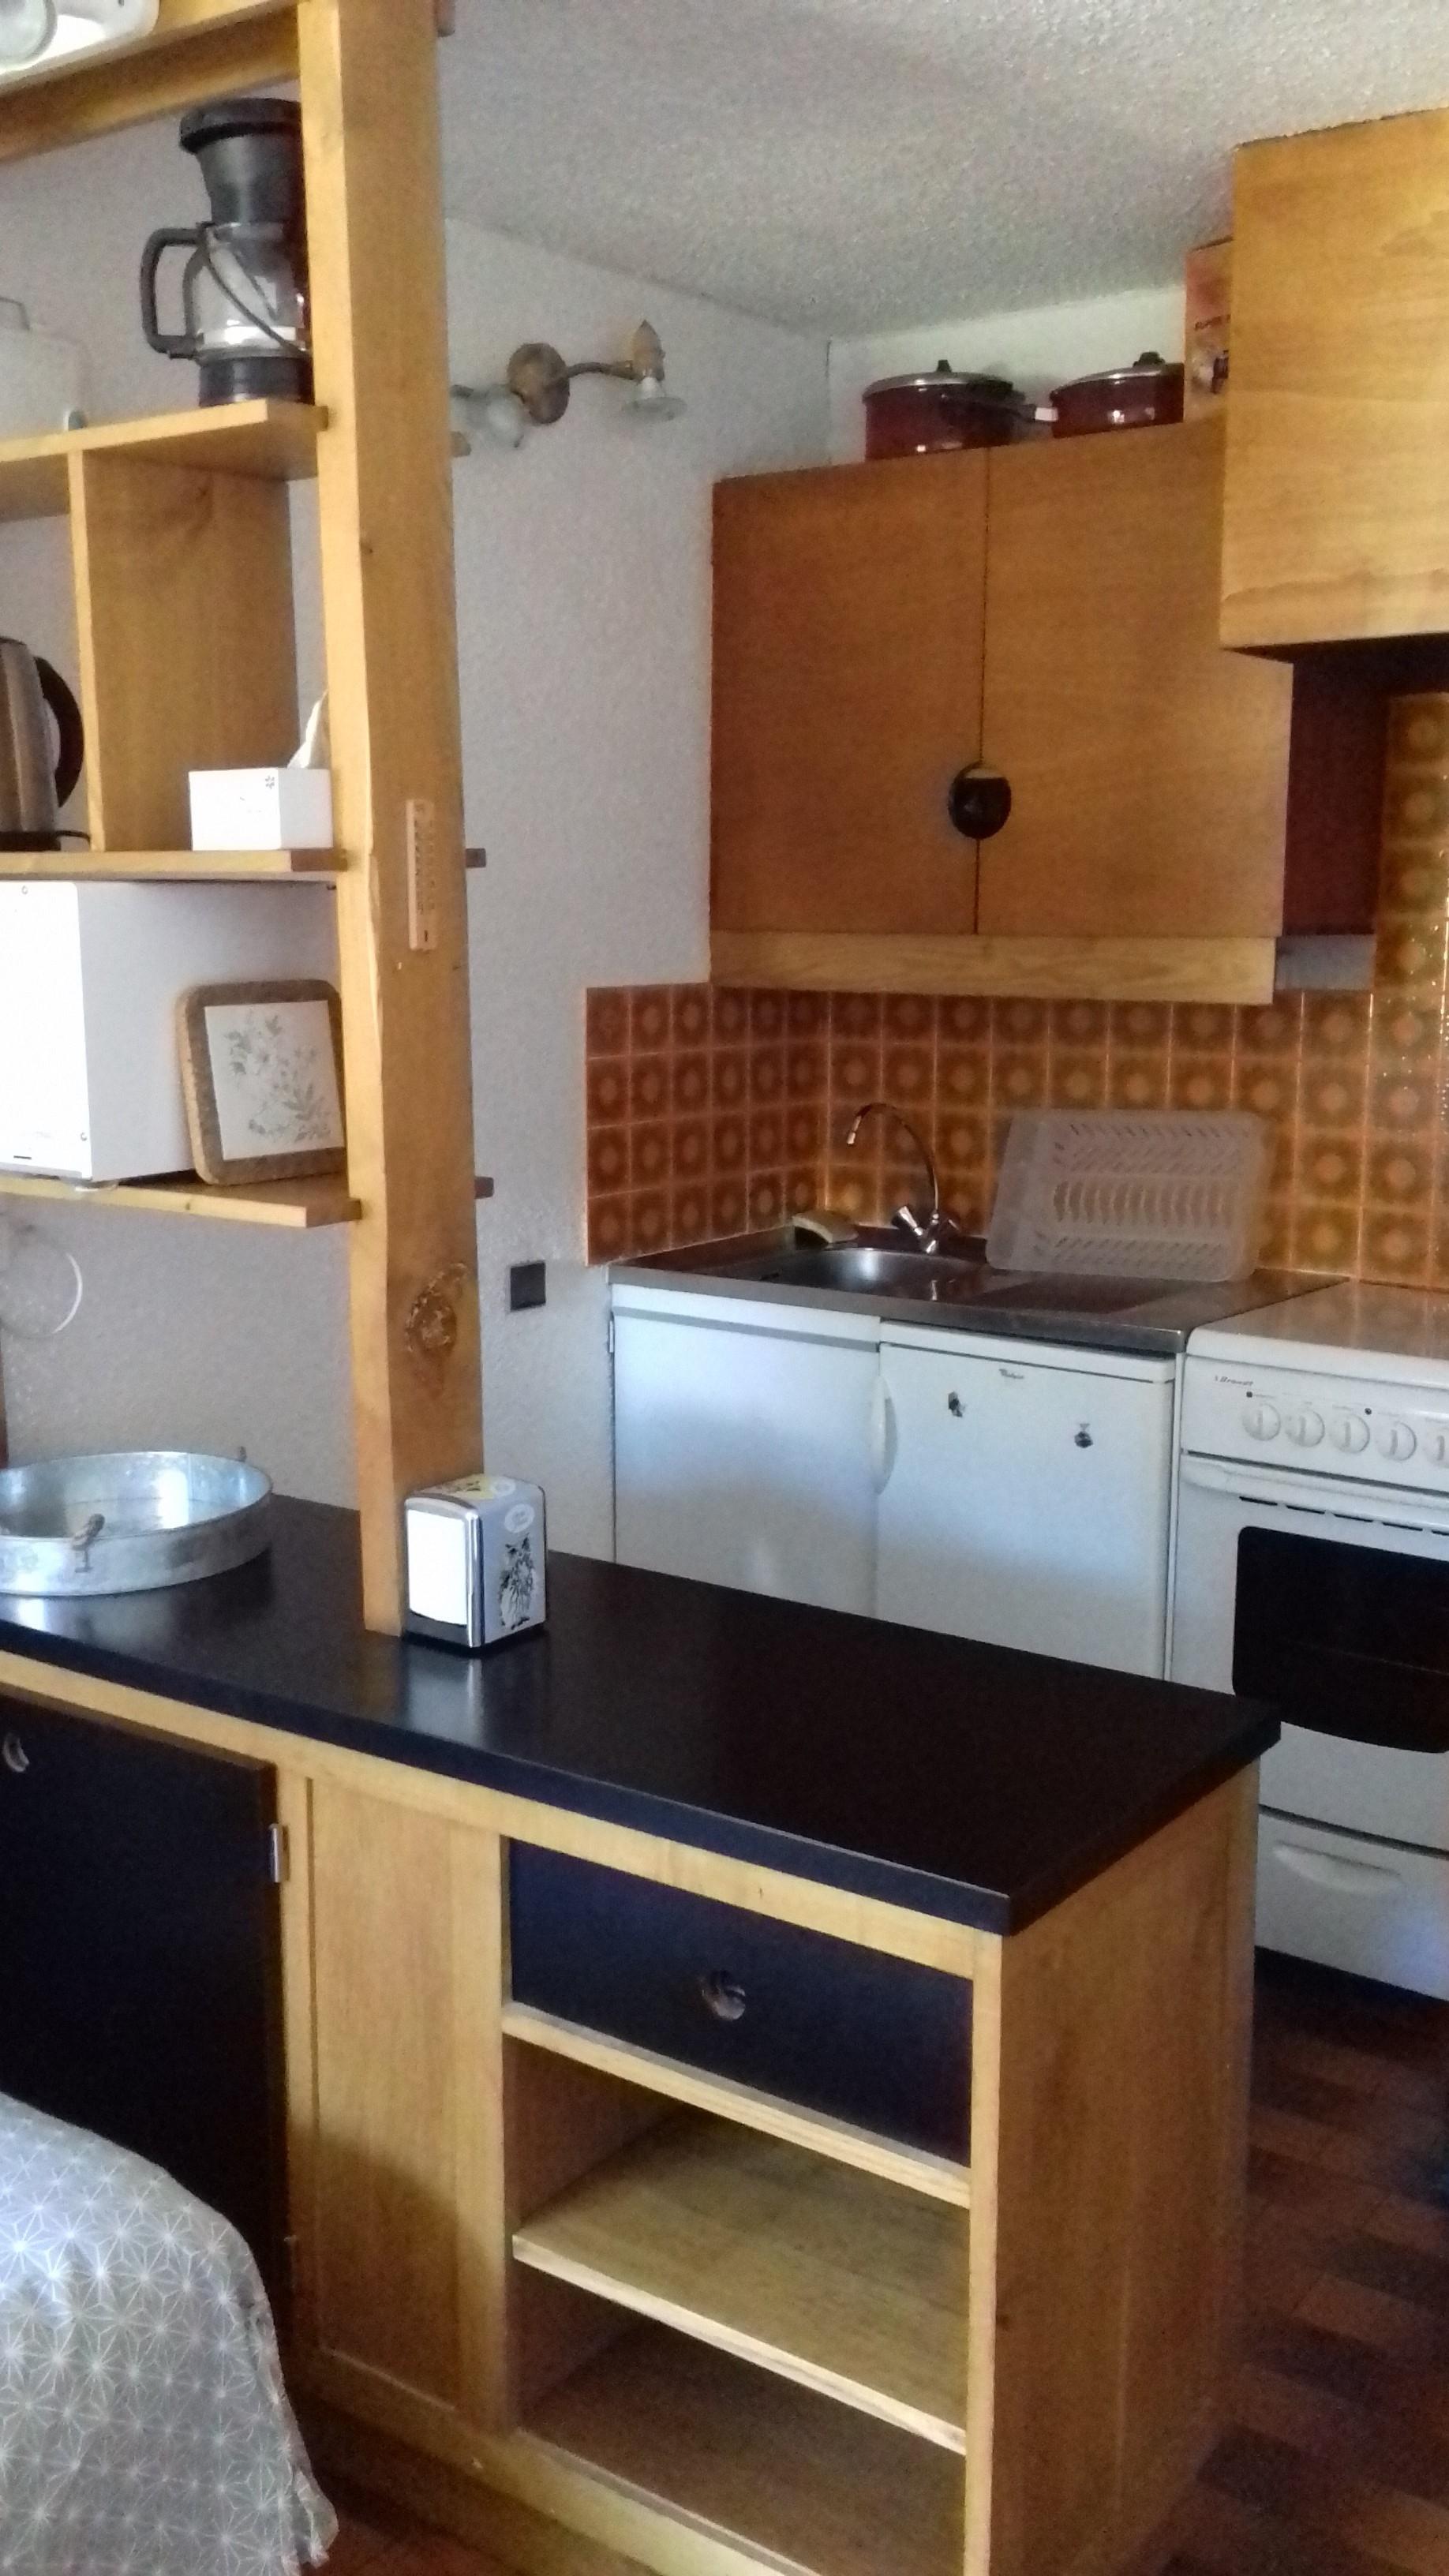 loiseau coin cuisine - ANCELLE STUDIO MONTAGNE 28 m2 (4/6 couchages)